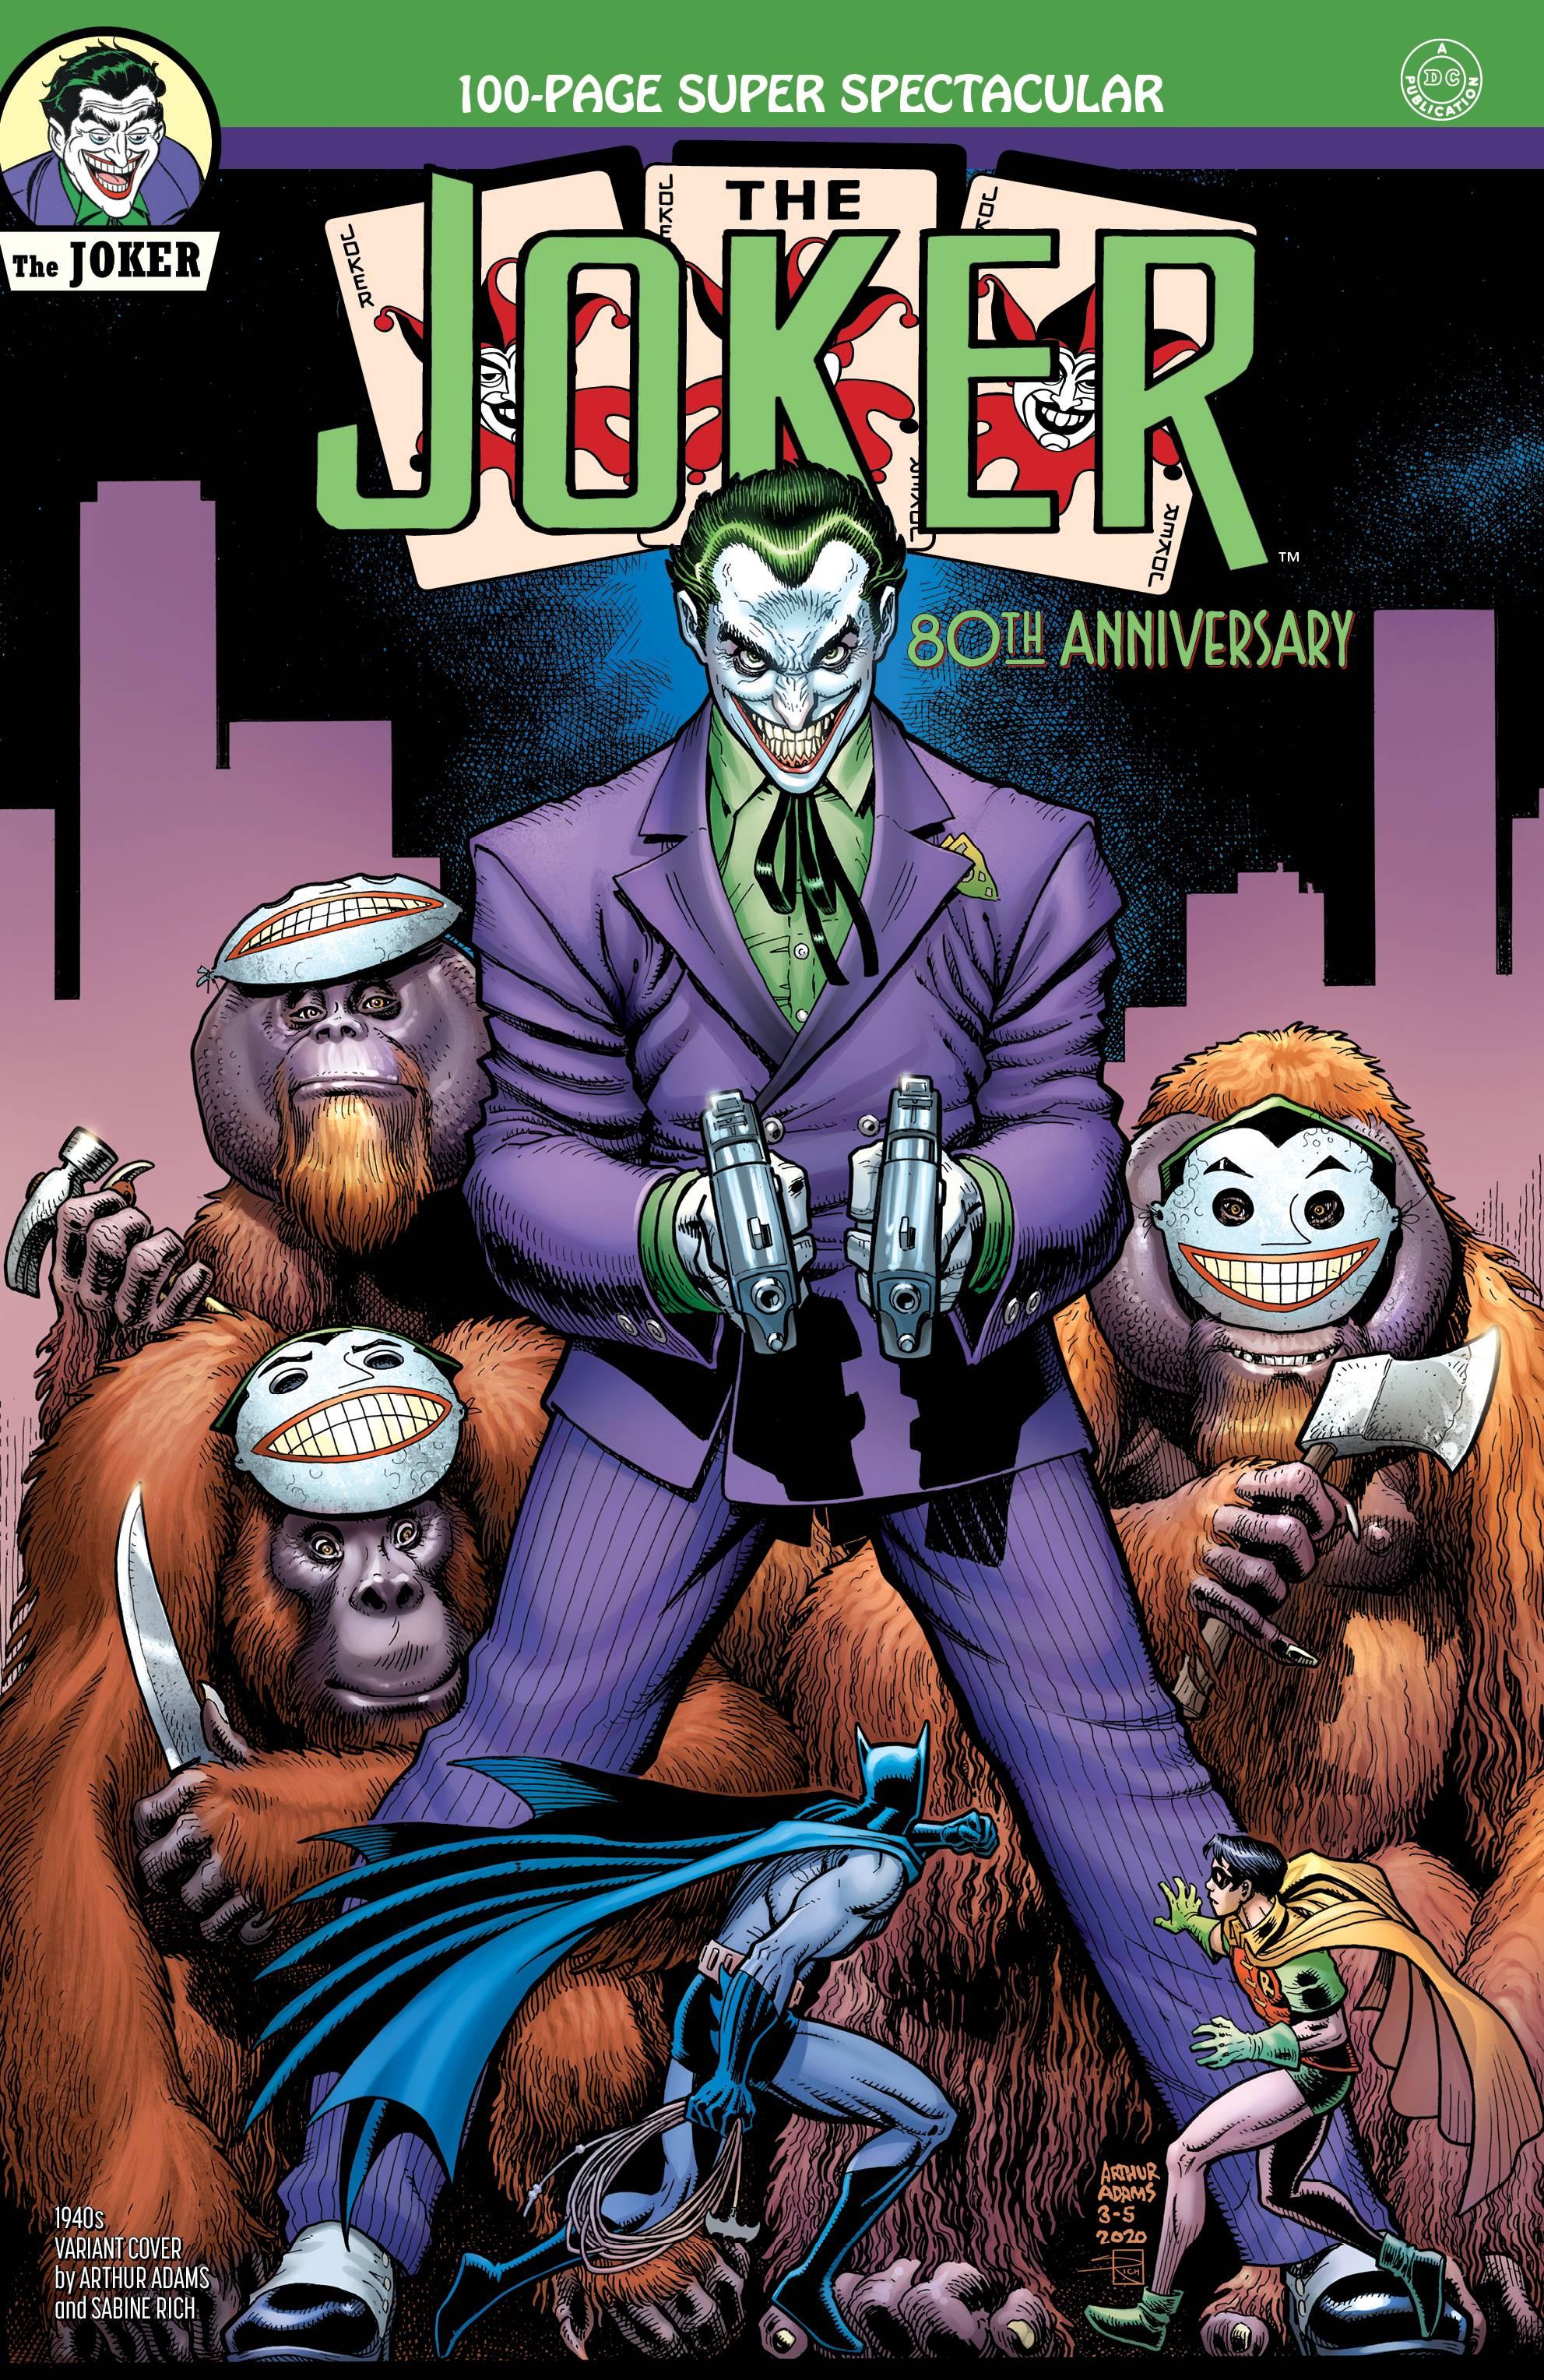 Joker 80th Anniv 100 Page Super Spect #1 1940s Arthur Adams Cover